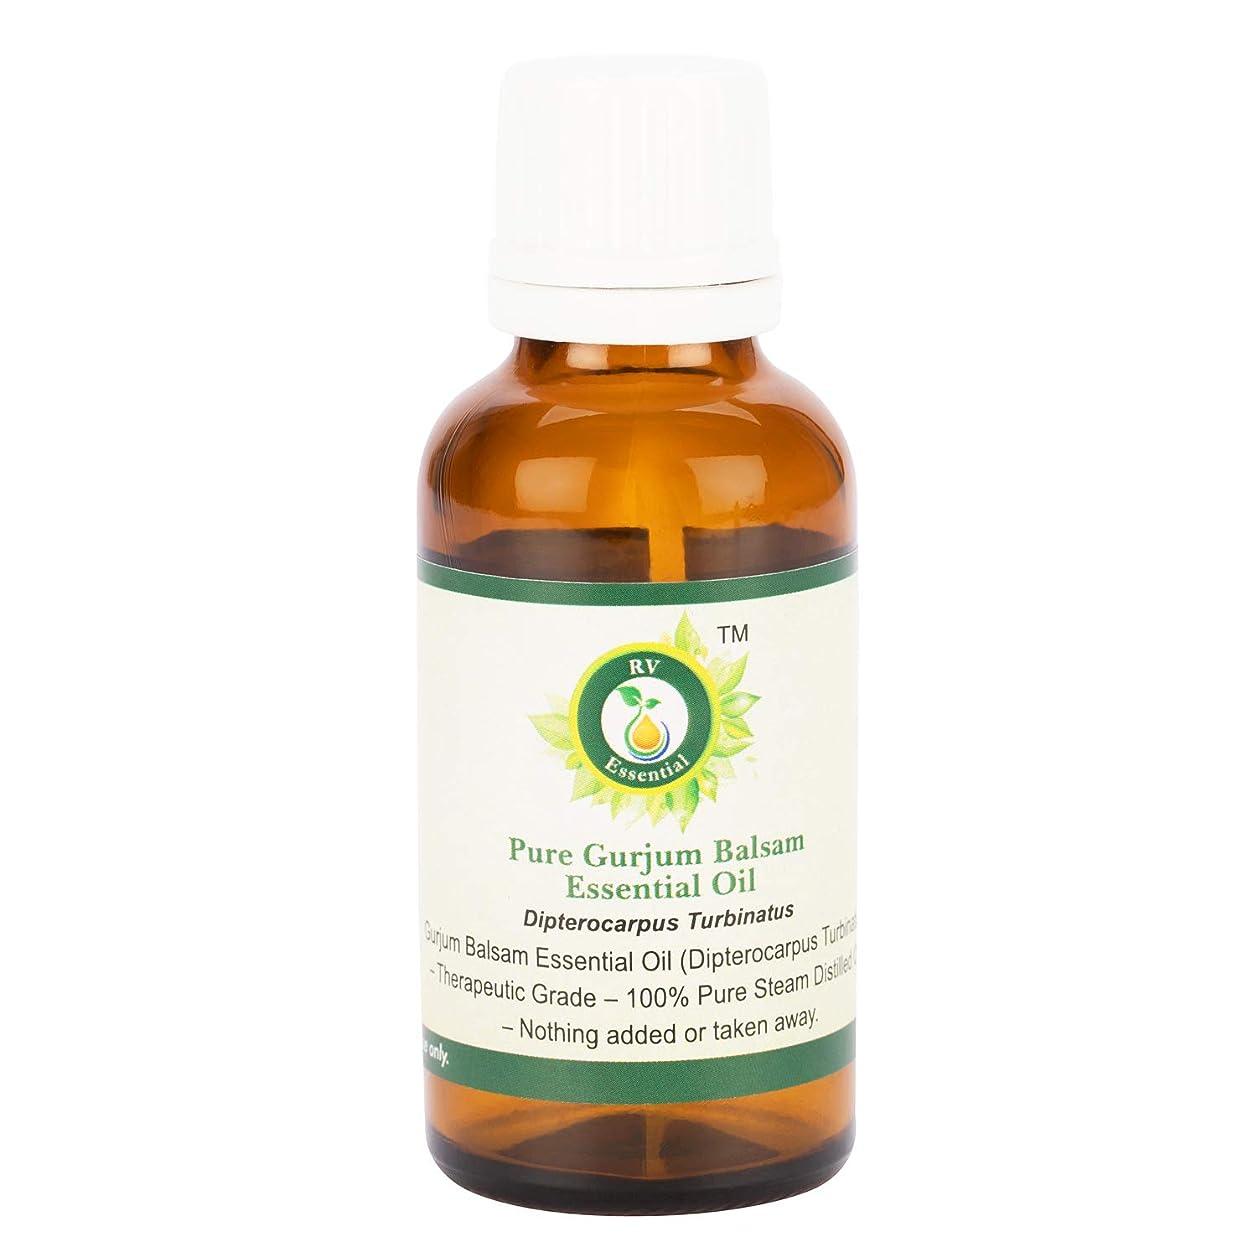 応答マオリ申込みピュアGurjumバルサムエッセンシャルオイル630ml (21oz)- Dipterocarpus Turbinatus (100%純粋&天然スチームDistilled) Pure Gurjum Balsam Essential Oil